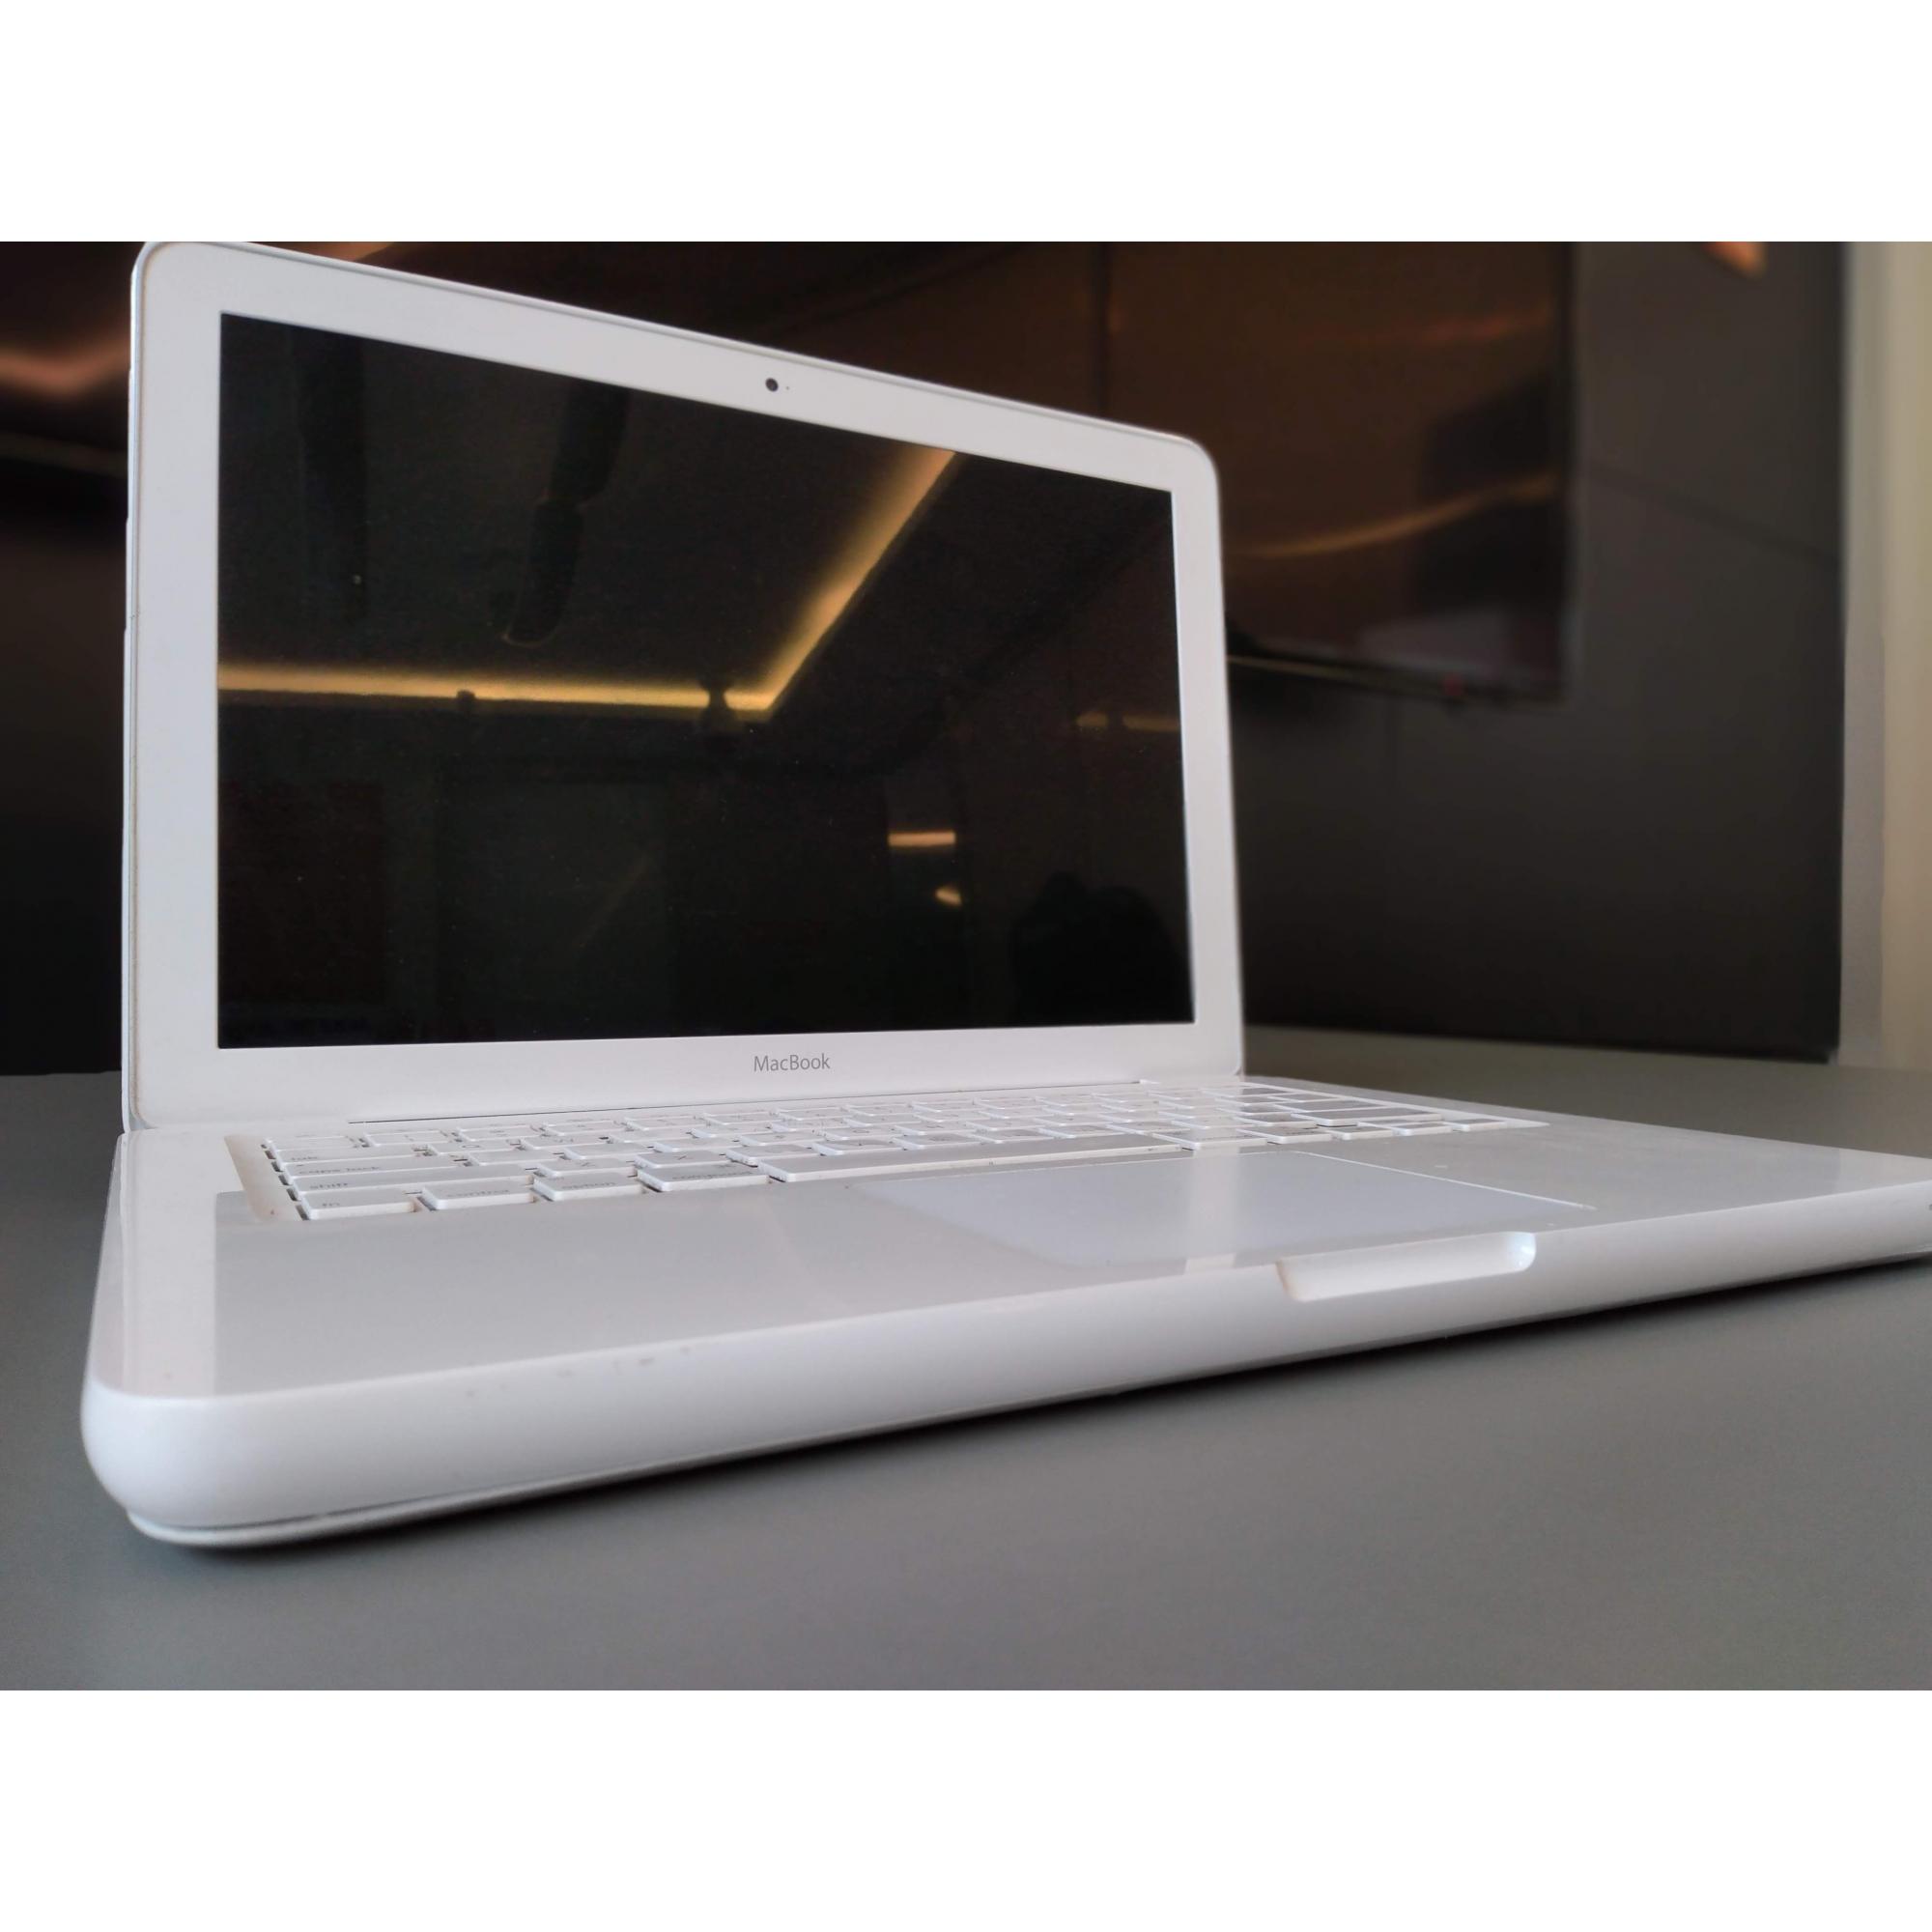 Usado - MacBook 7.1